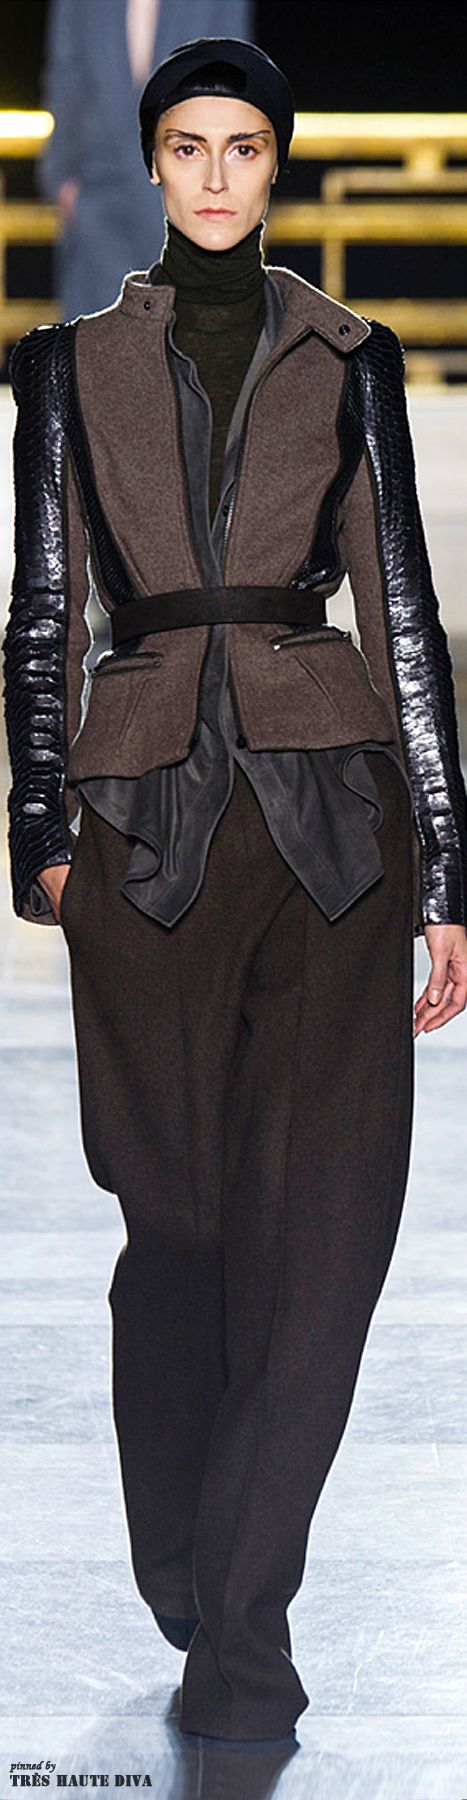 #Paris Fashion Week Haider Ackermann Fall 2014 RTW